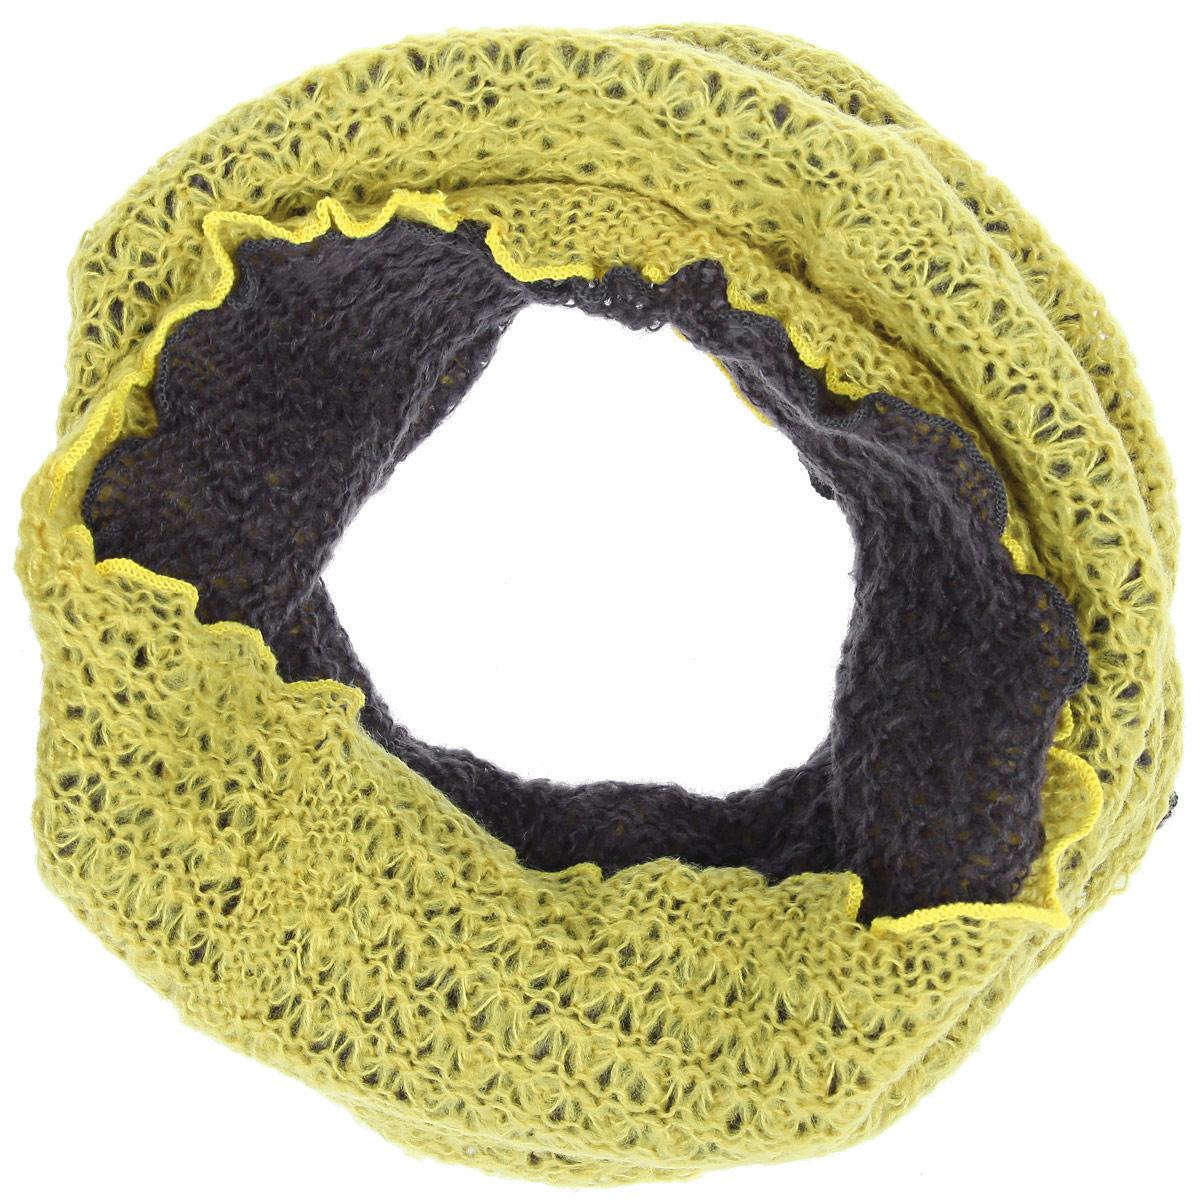 Снуд-хомутBL52-2344-12Женский вязаный снуд-хомут Eleganzza станет отличным дополнением к гардеробу в холодную погоду. Изготовленный из высококачественной пряжи с содержанием шерсти и мохера, он необычайно мягкий и приятный на ощупь, максимально сохраняет тепло. Шарф-снуд состоит из двух частей разного цвета, края которых обработаны декоративным оверлоком, придающим им волнообразную окантовку. Каждую часть изделия можно использовать как вместе, сочетая цвета, так и по отдельности. Модный аксессуар гармонично дополнит образ современной женщины, следящей за своим имиджем и стремящейся всегда оставаться стильной.